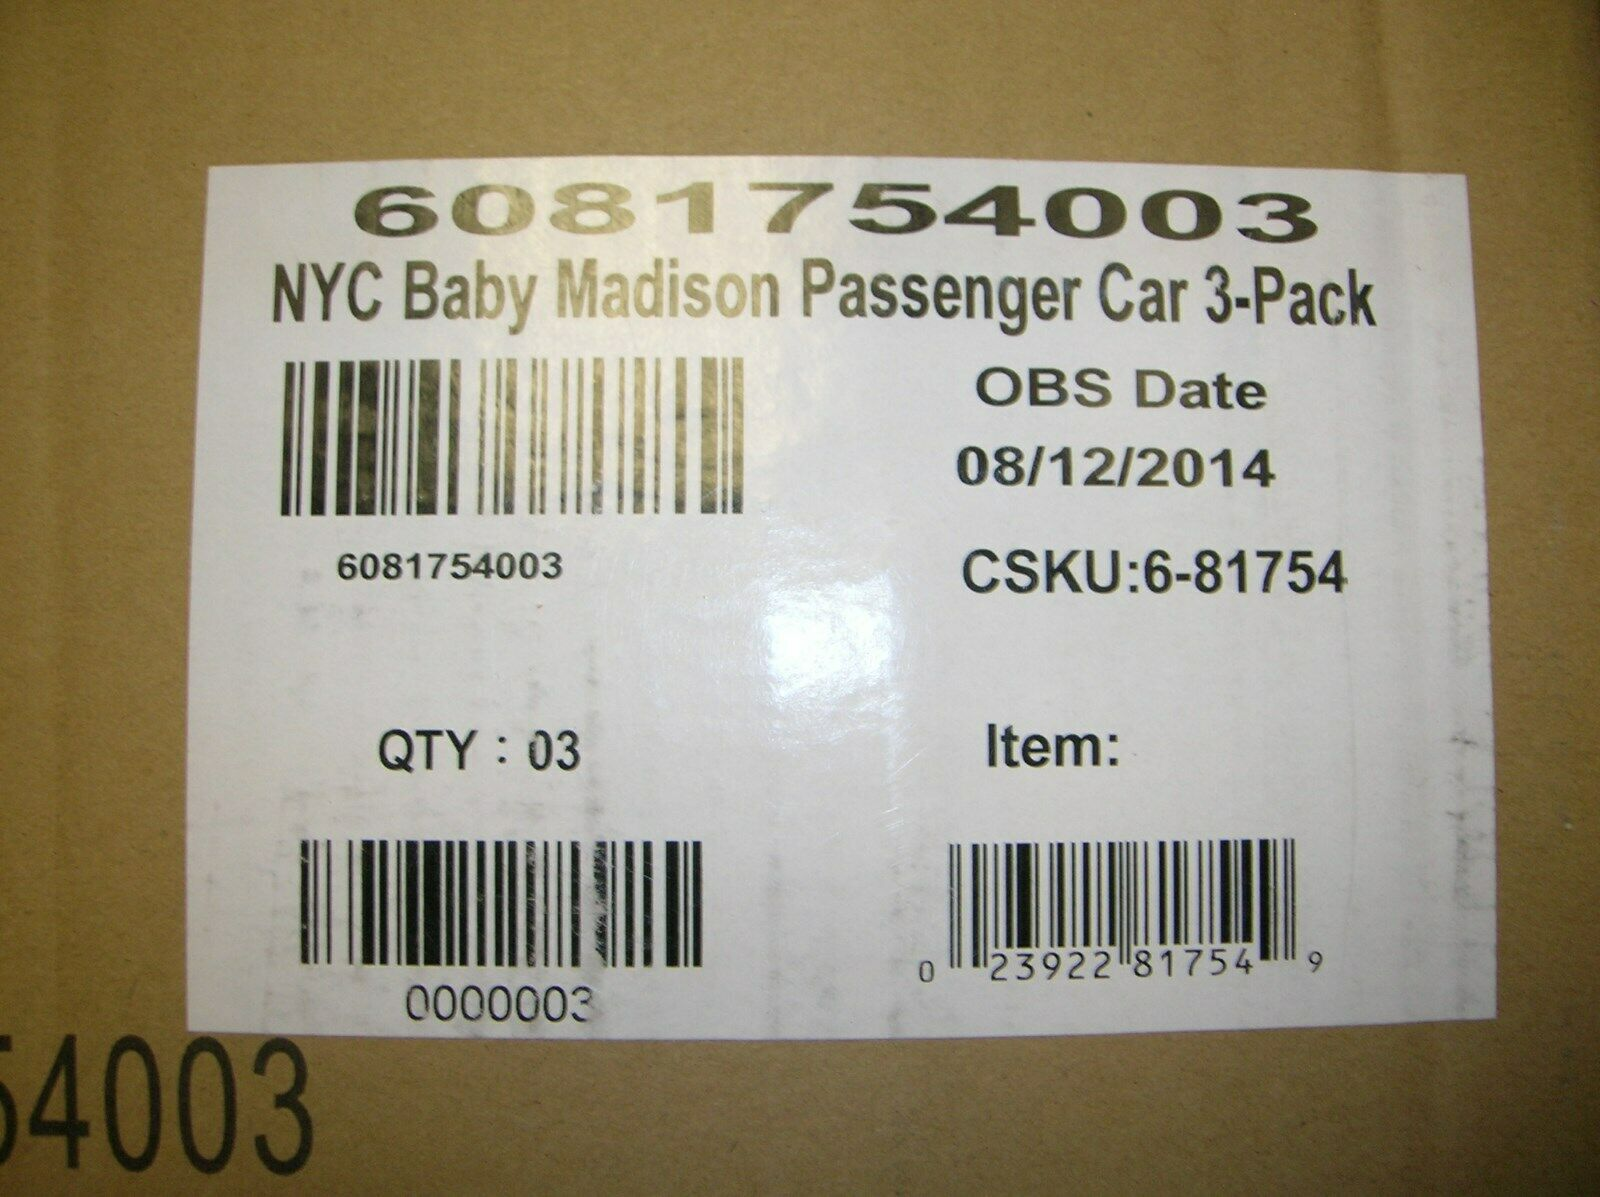 buscando agente de ventas Coche Lionel 81754 NYC Madison Paquete de 3-hacen que ofrece ofrece ofrece     comprar mejor